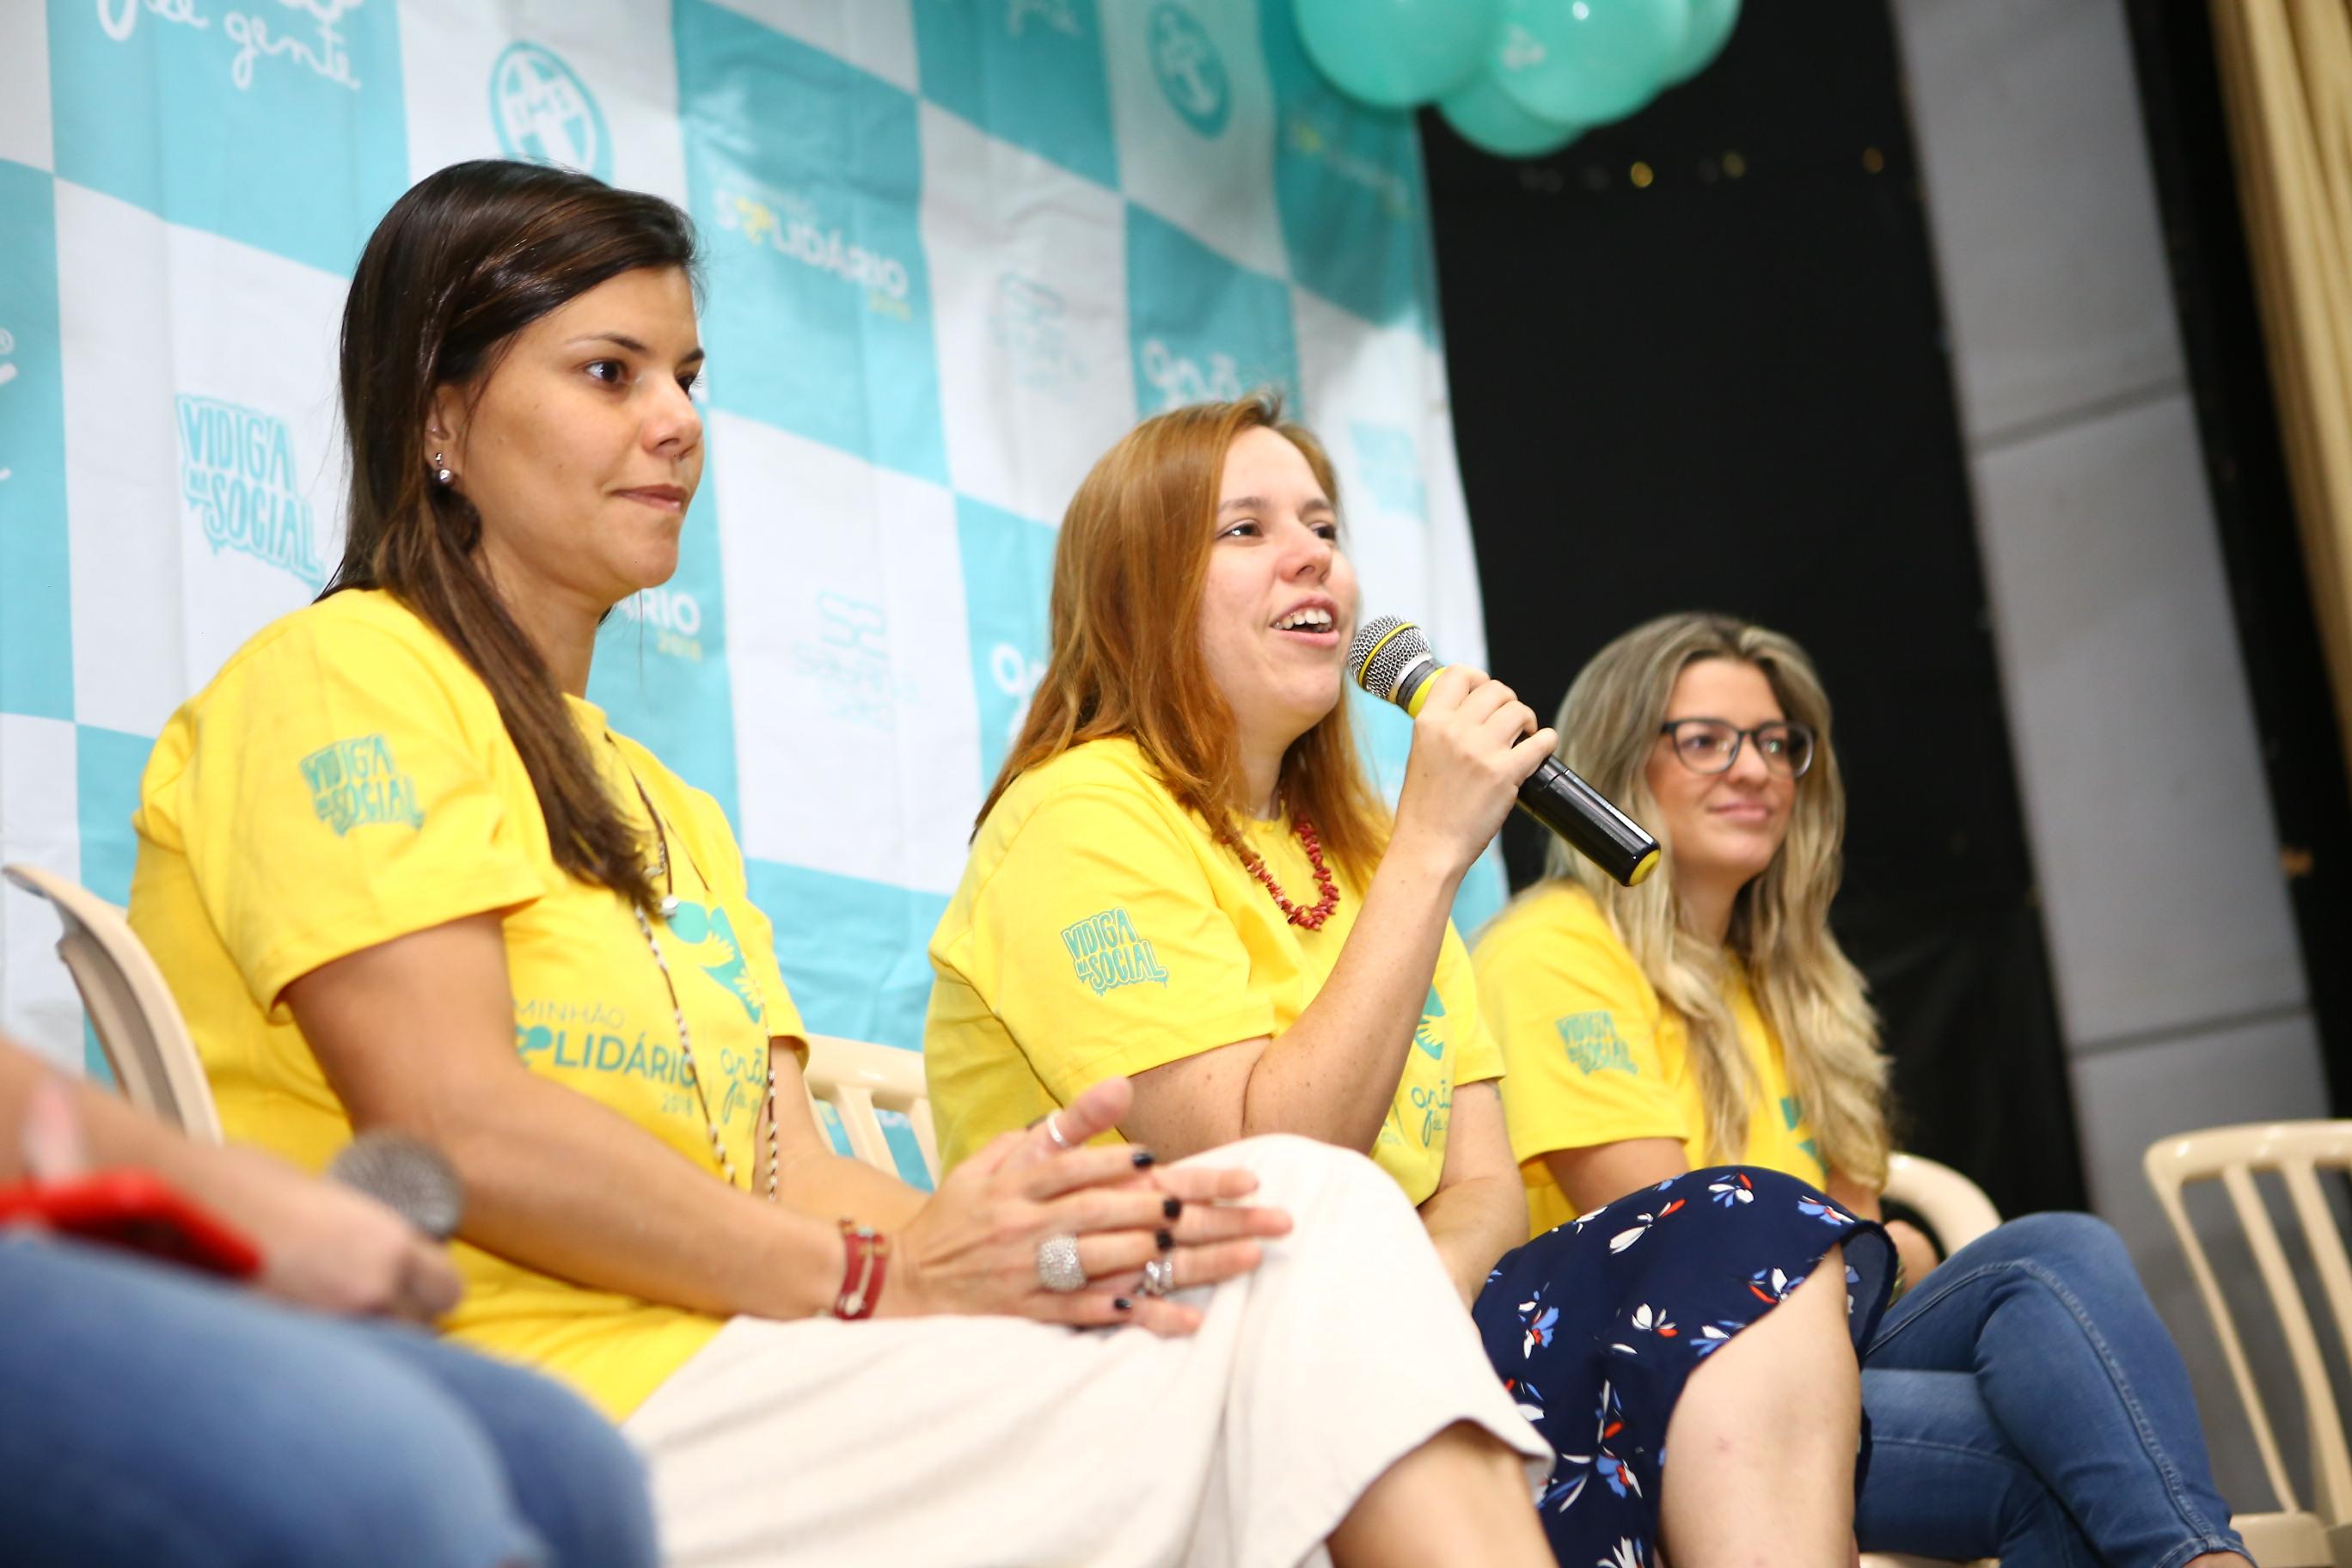 Bate-papo com especialistas tira dúvidas de grávidas no Vidigal